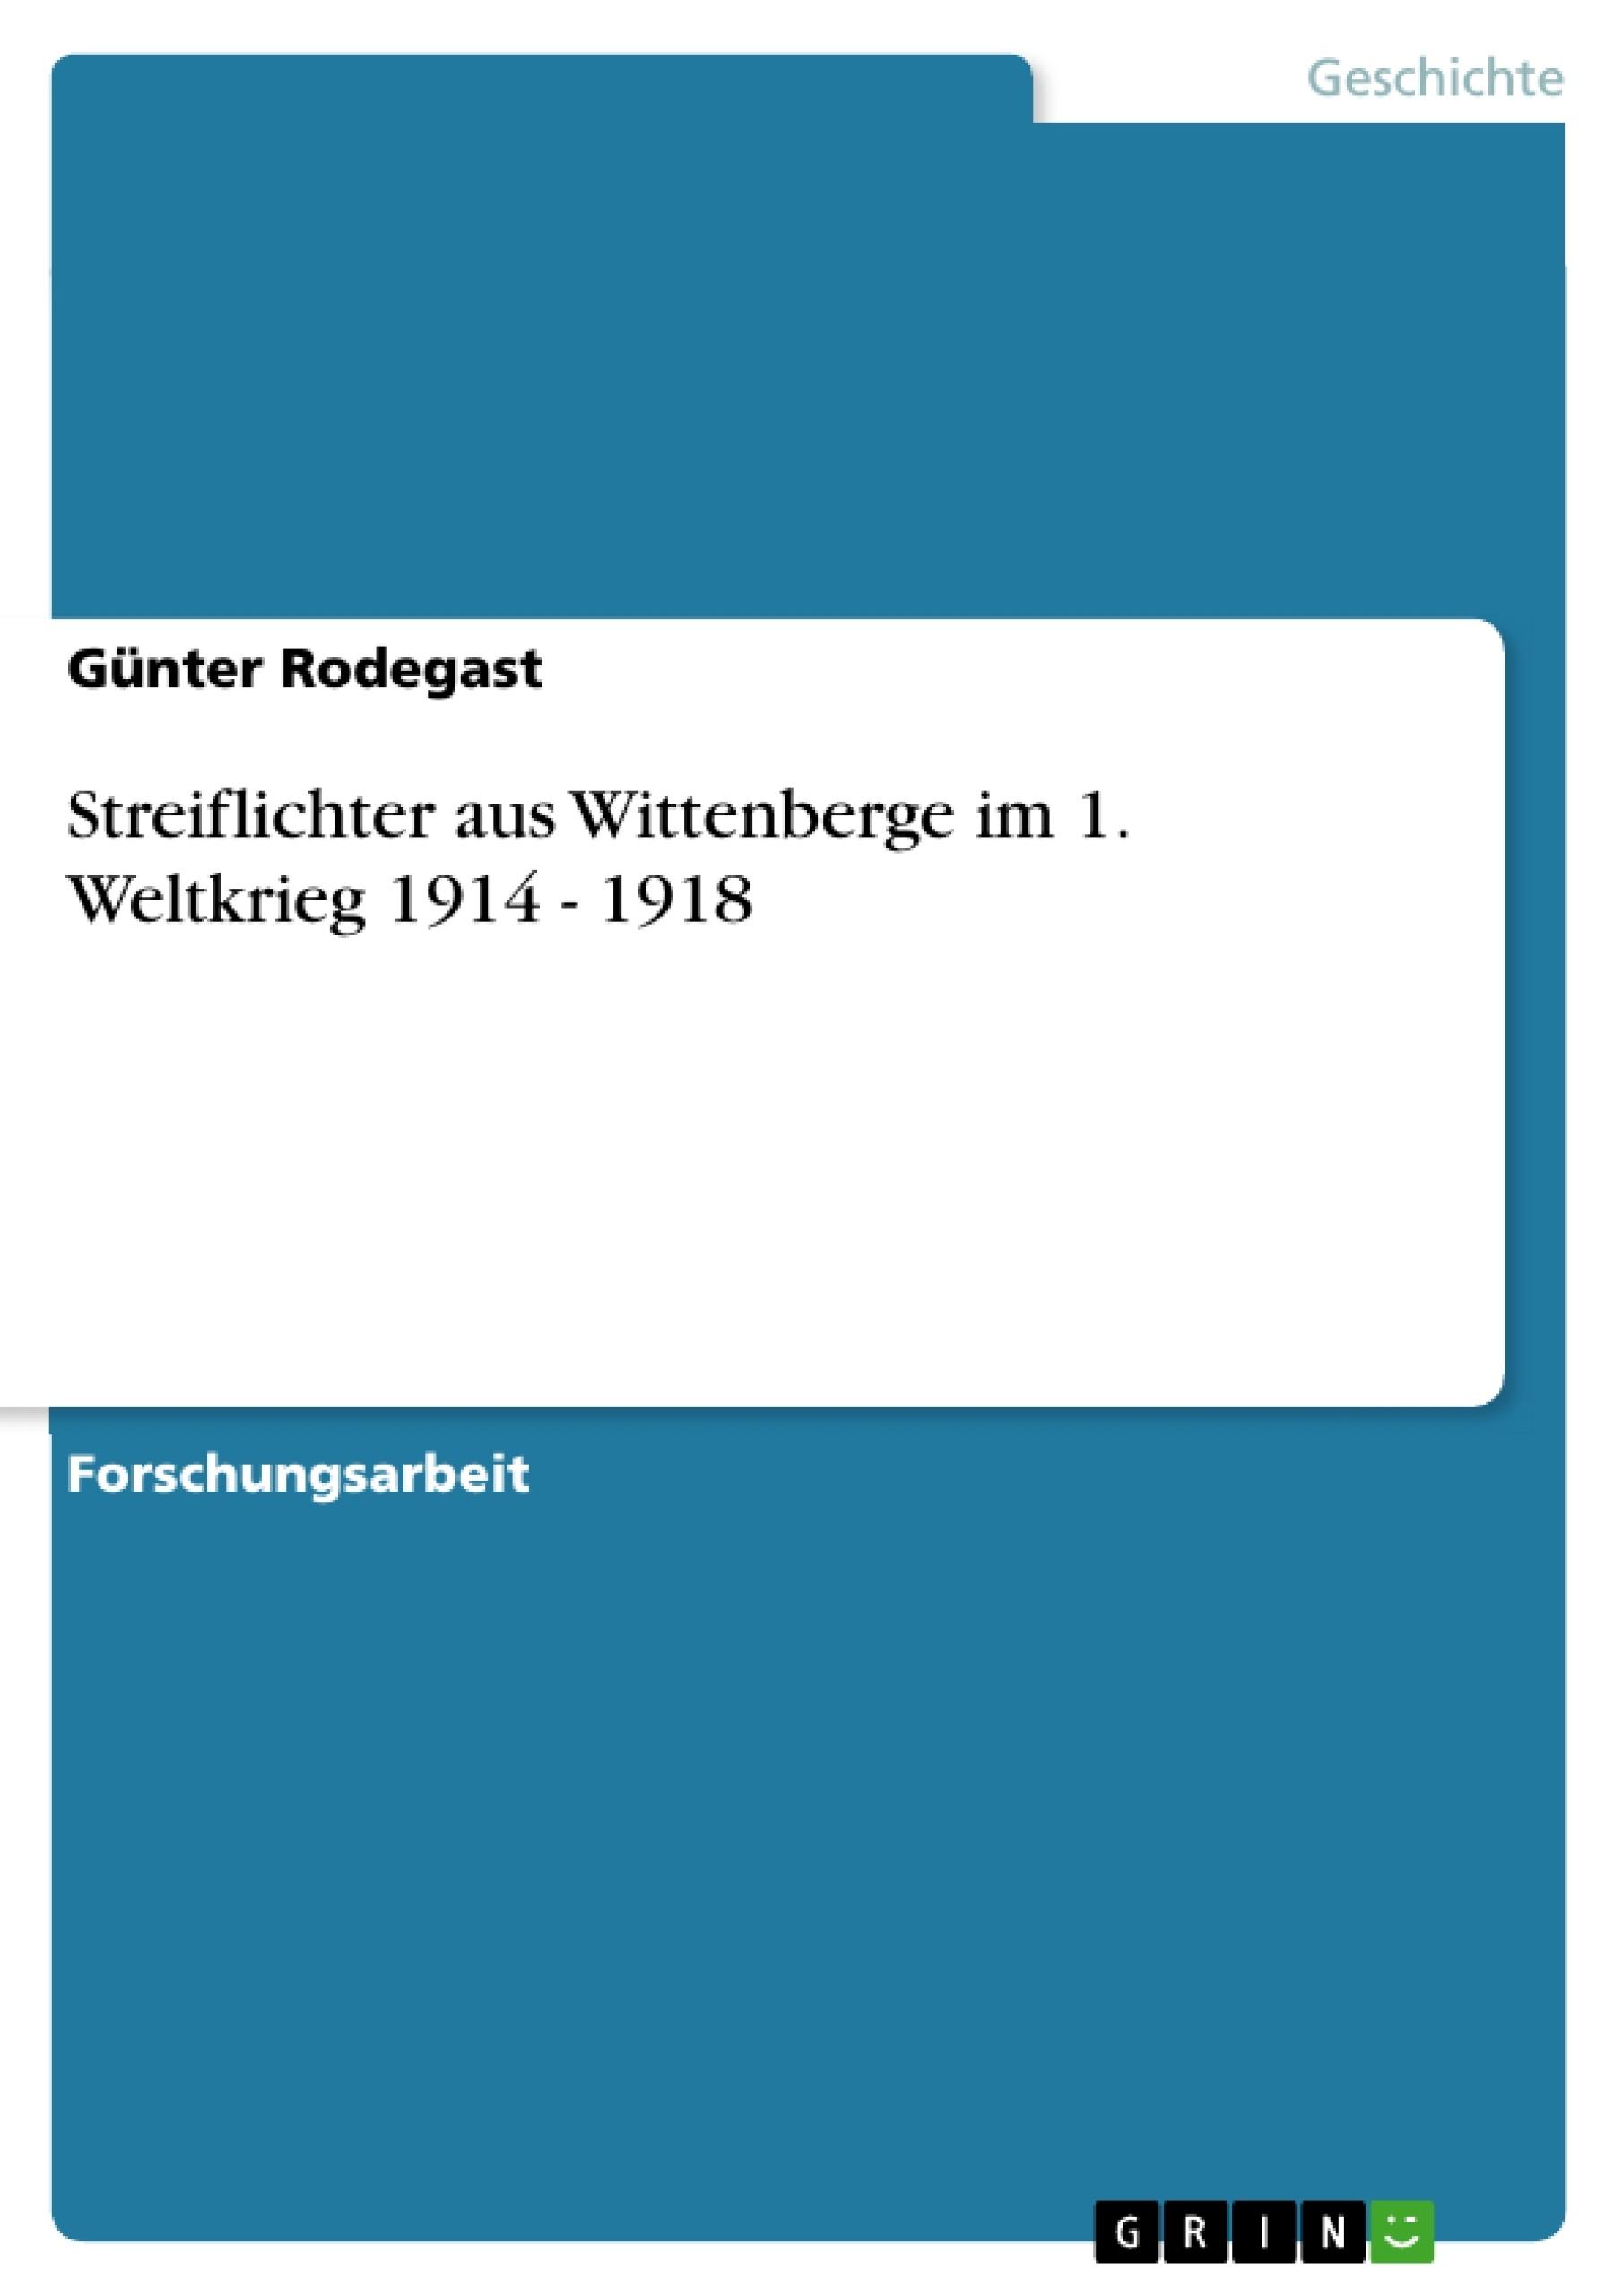 Titel: Streiflichter aus Wittenberge im 1. Weltkrieg 1914 - 1918